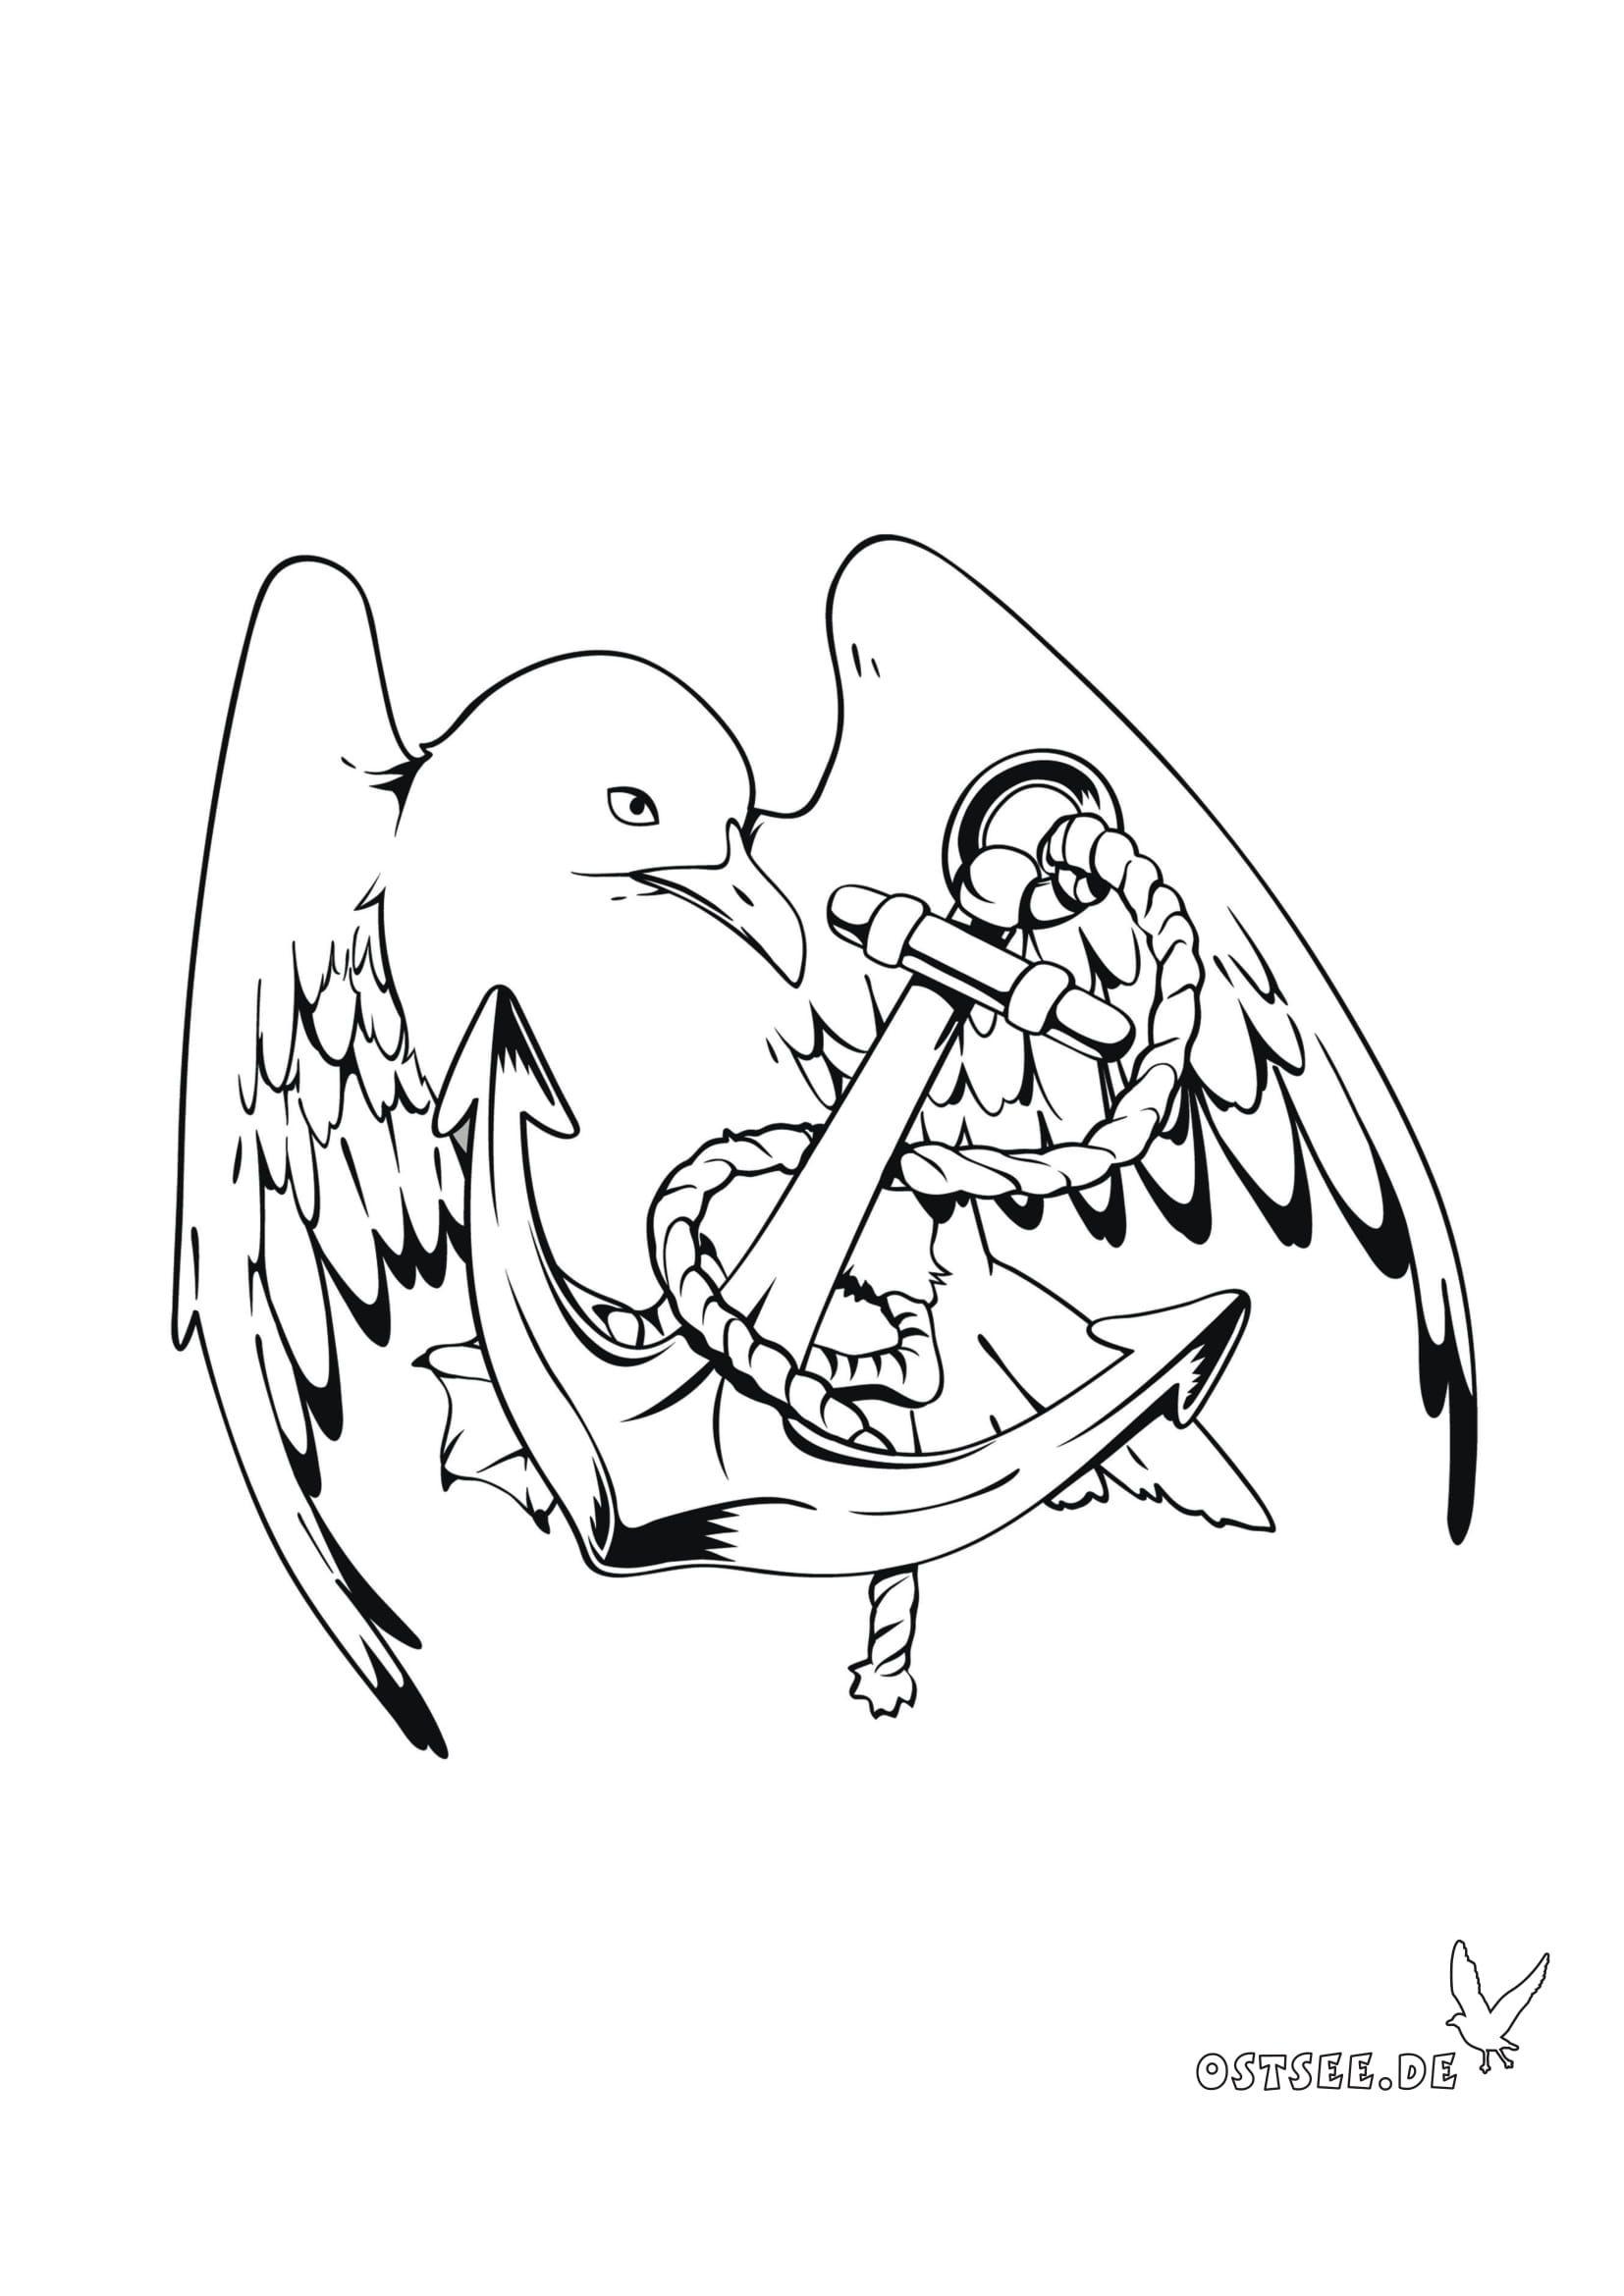 Malvorlage Anker  Malvorlagen, Kritzelei tattoo, Vorlagen